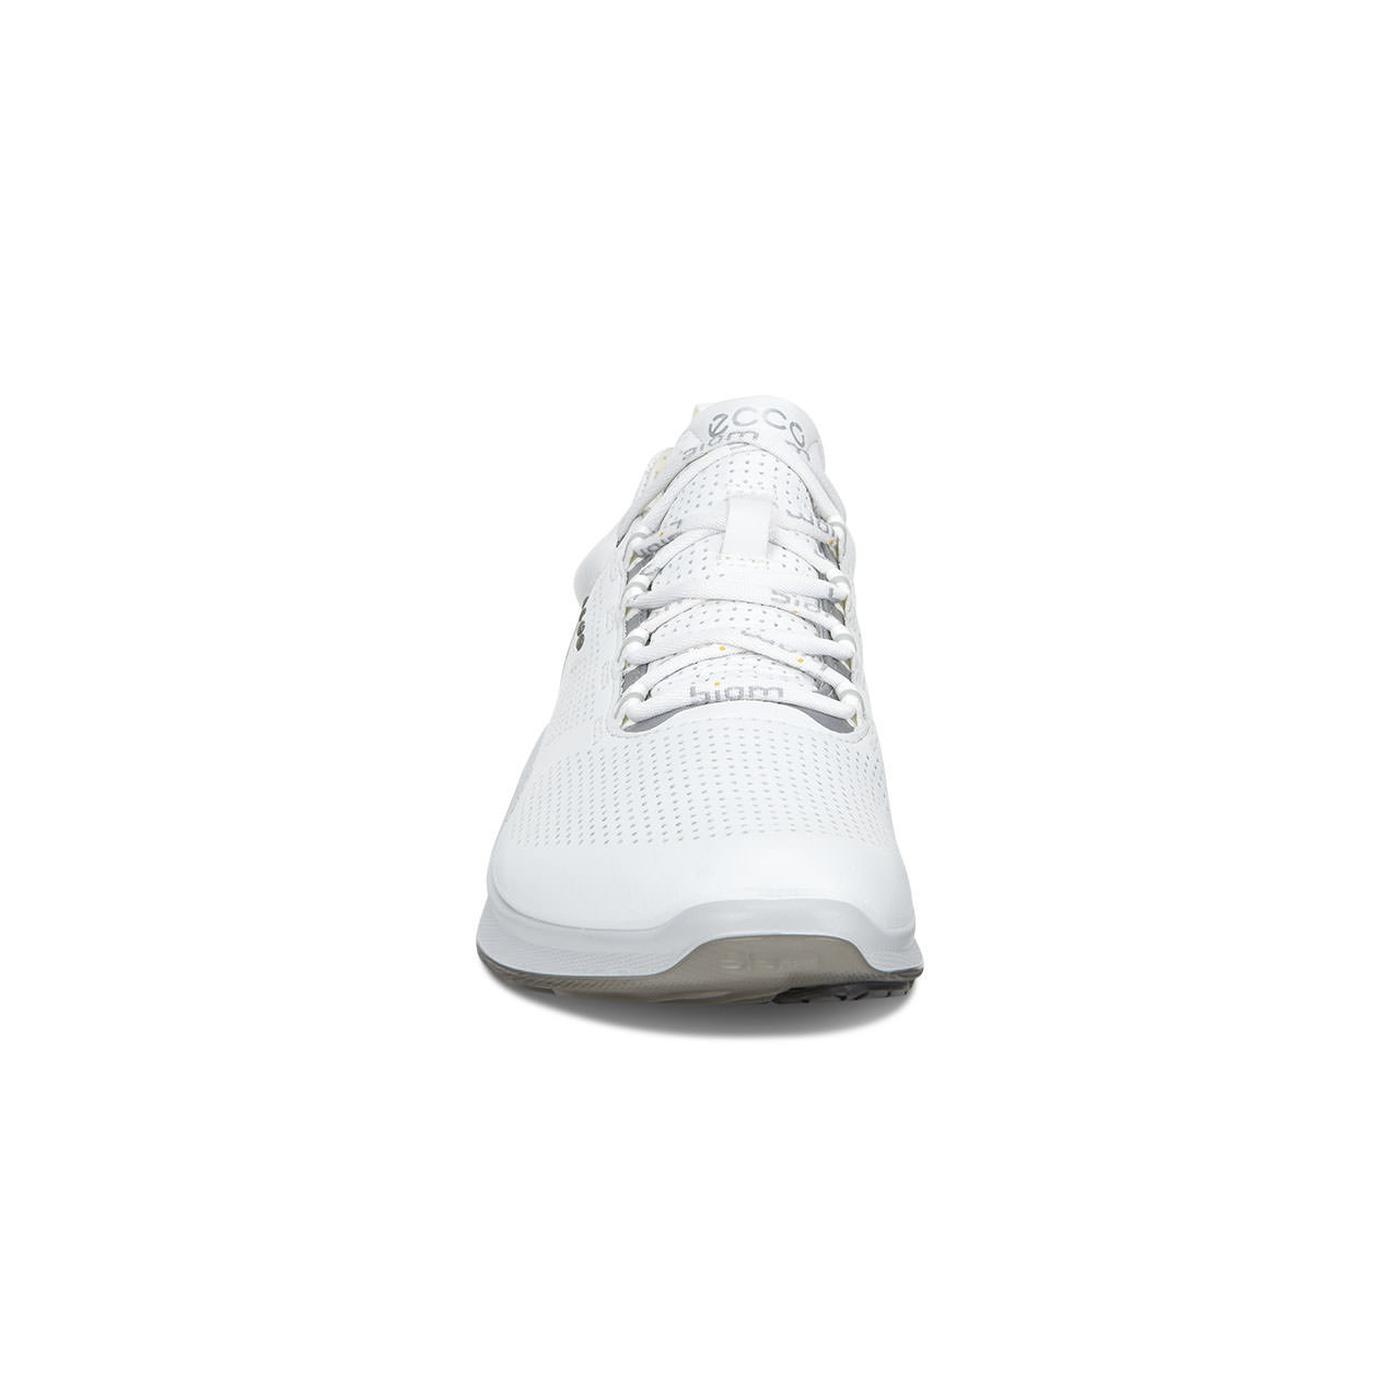 Chaussure d'entraînement ECCO BIOM Fjuel pour femmes